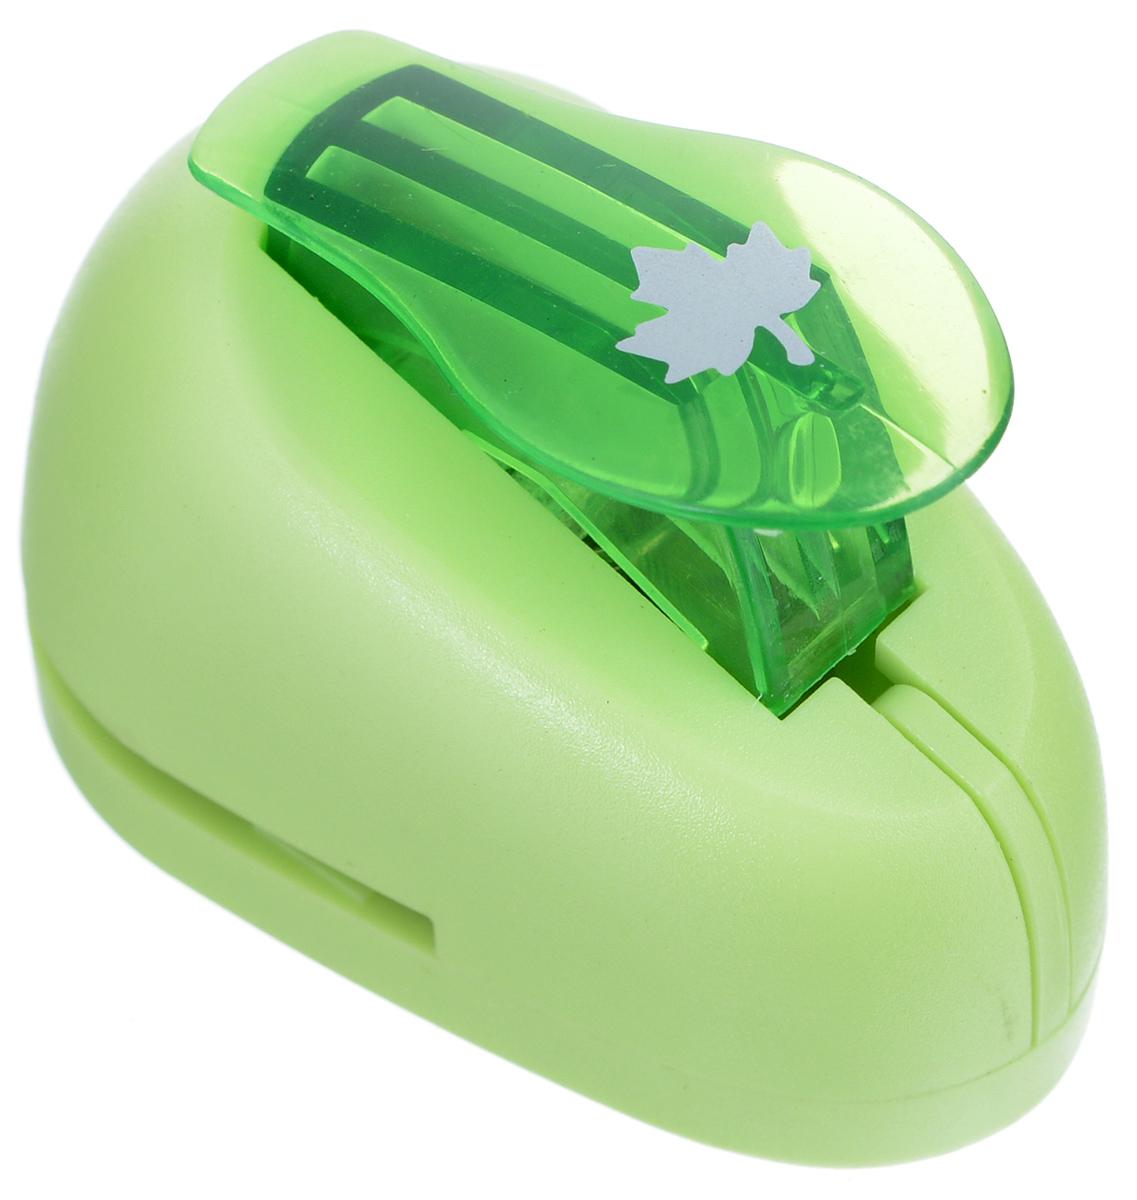 Дырокол фигурный Hobbyboom Кленовый лист, №66, цвет: зеленый, 1 смCD-99XS-066/69510_зеленыйДырокол фигурный используется в скрапбукинге, для украшения открыток, карточек, коробочек и т.д. Рисунок прорези указан на ручке дырокола.Используется для прорезания фигурных отверстий в бумаге. Вырезанный элемент также можно использовать для украшения.Предназначен для бумаги определенной плотности - до 140 г/м2. При применении на бумаге большей плотности или на картоне, дырокол быстро затупится. Чтобы заточить нож компостера, нужно прокомпостировать самую тонкую наждачку. Чтобы смазать режущий механизм - парафинированнную бумагу.Размер готовой фигурки: 1 см.